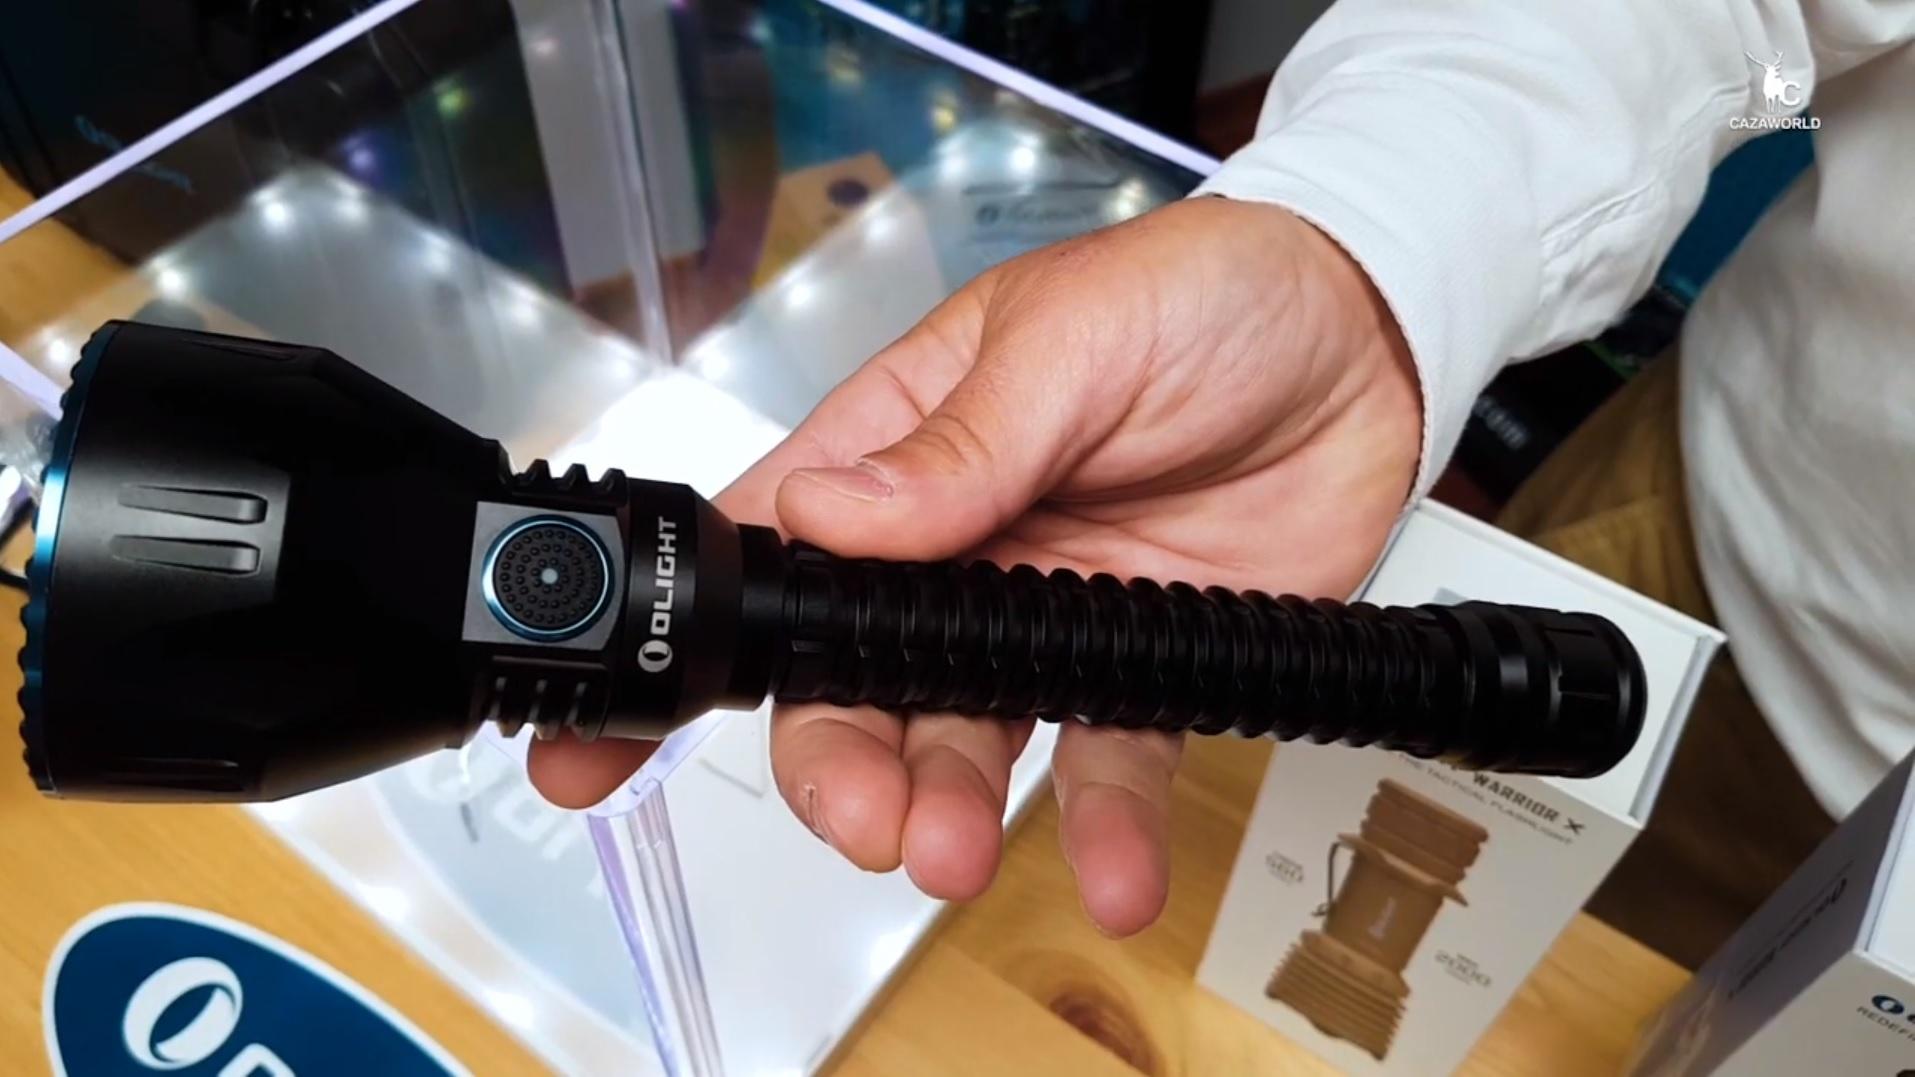 Olight Javelot Pro, la mejor linterna para cazar presentada hasta el momento.